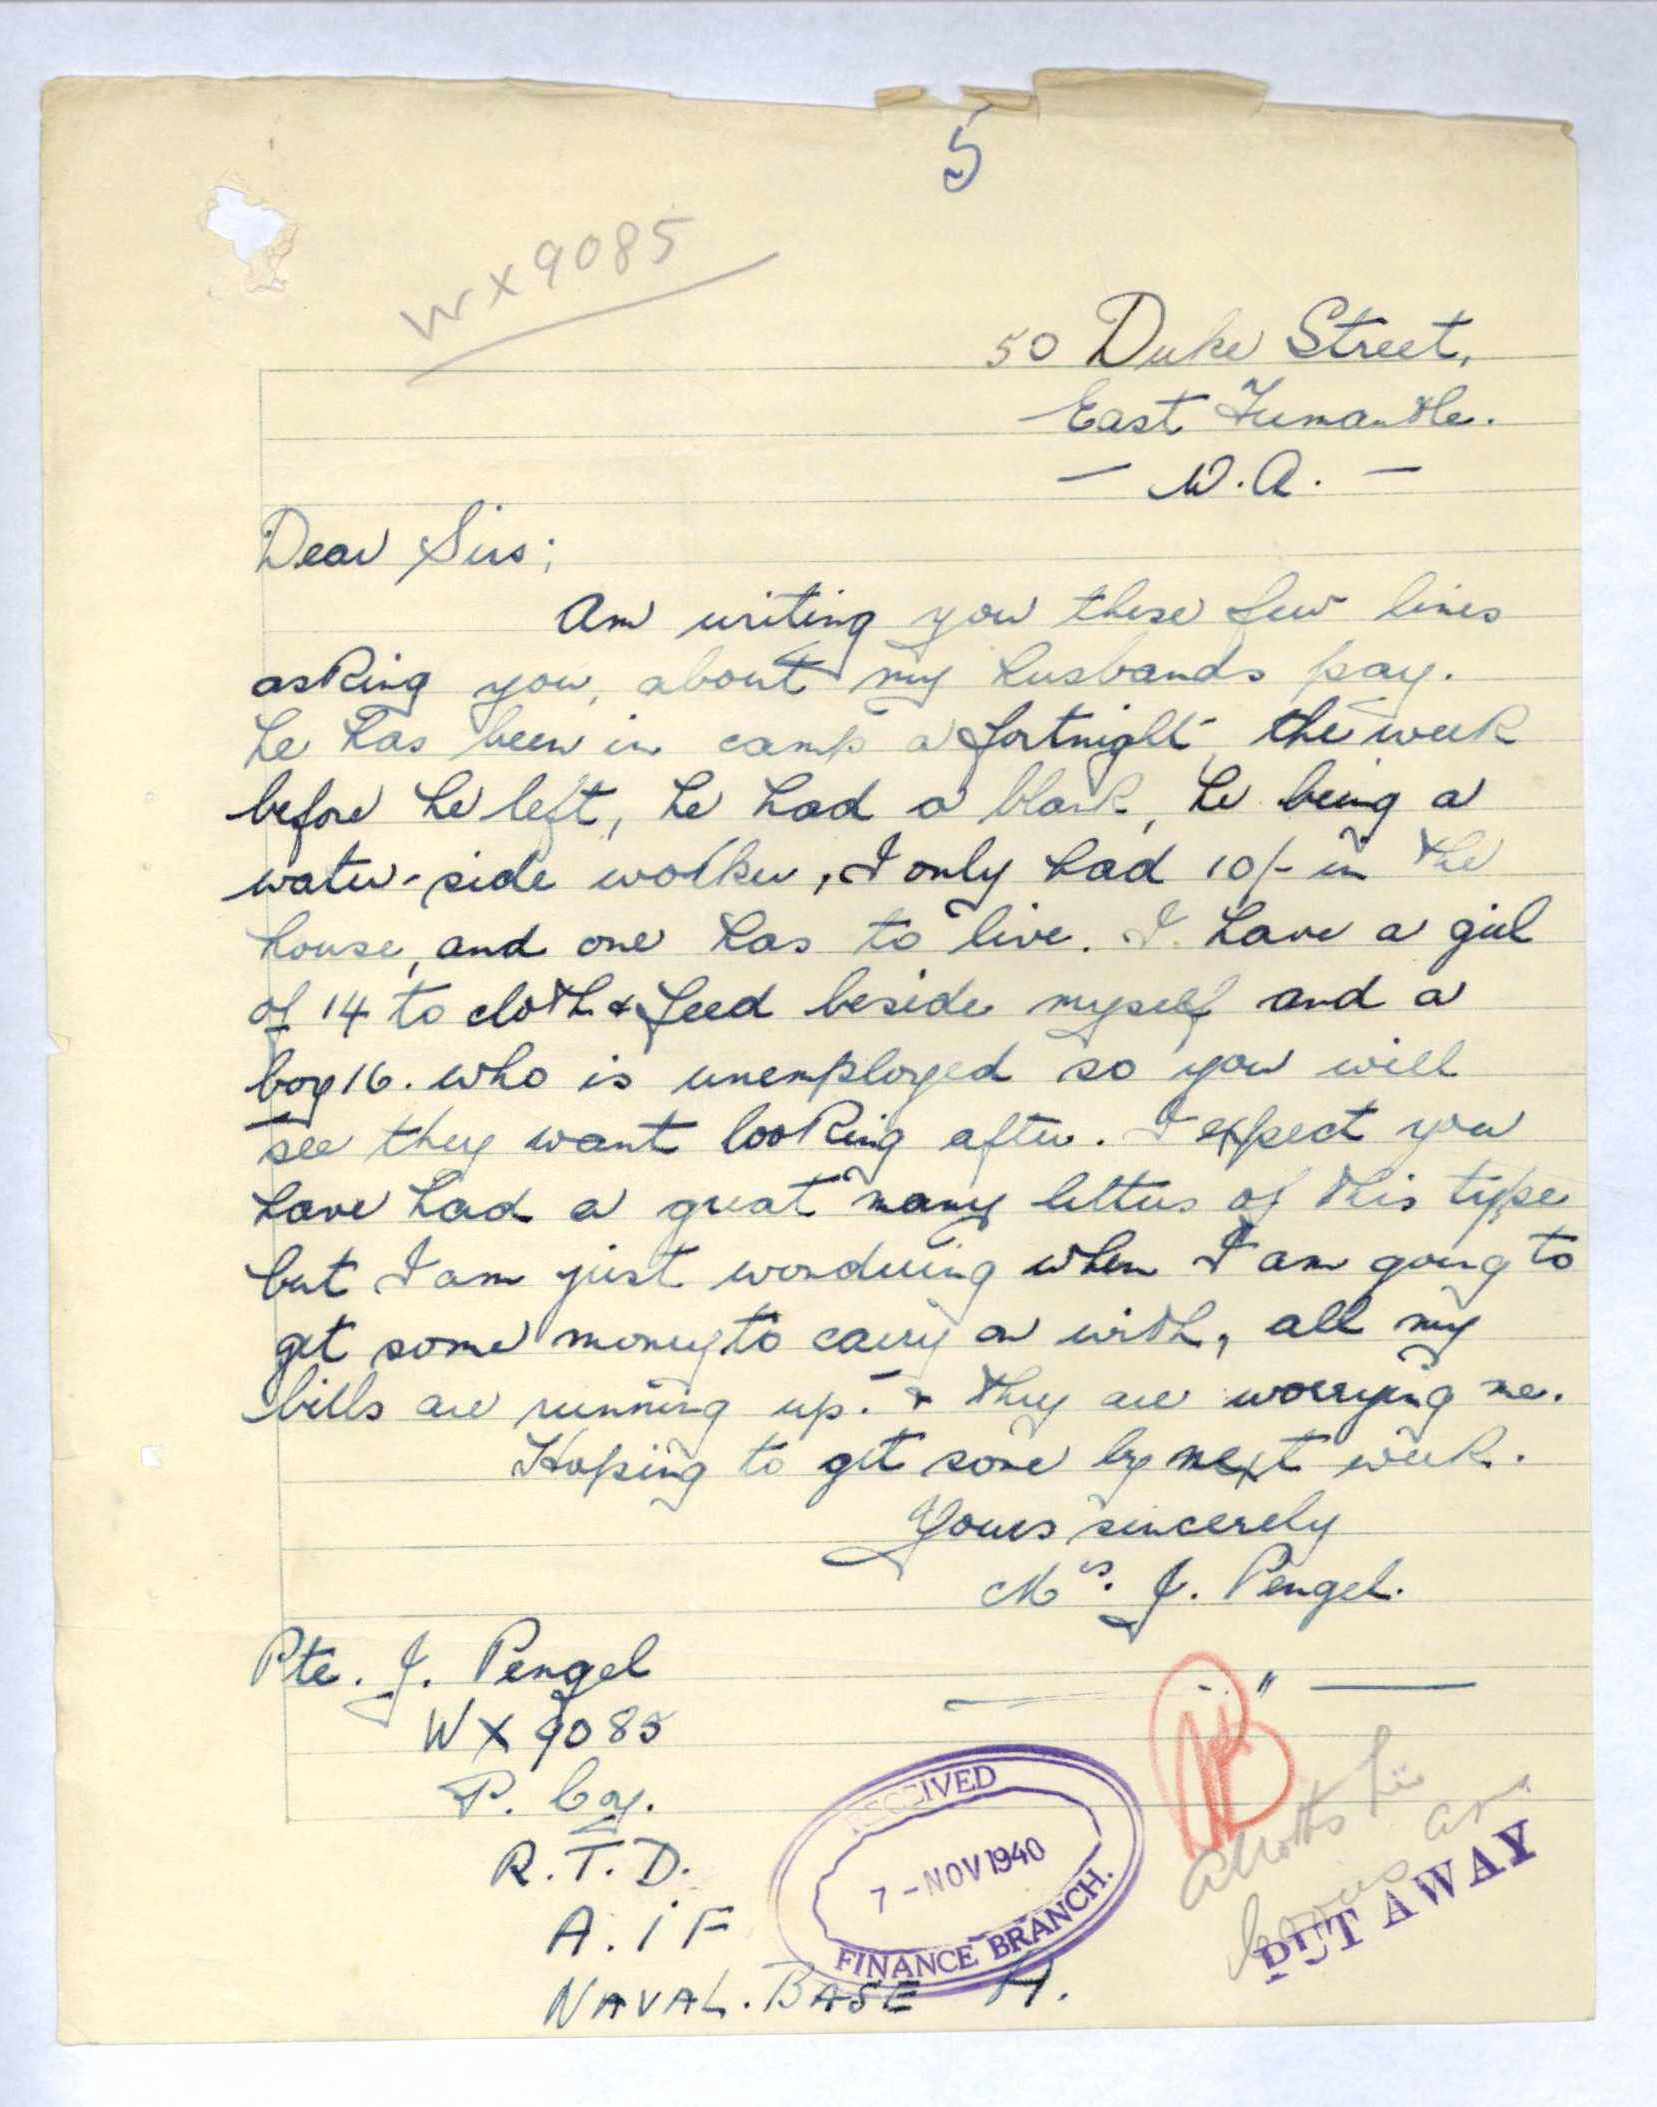 1940 letter from Alice Pengel